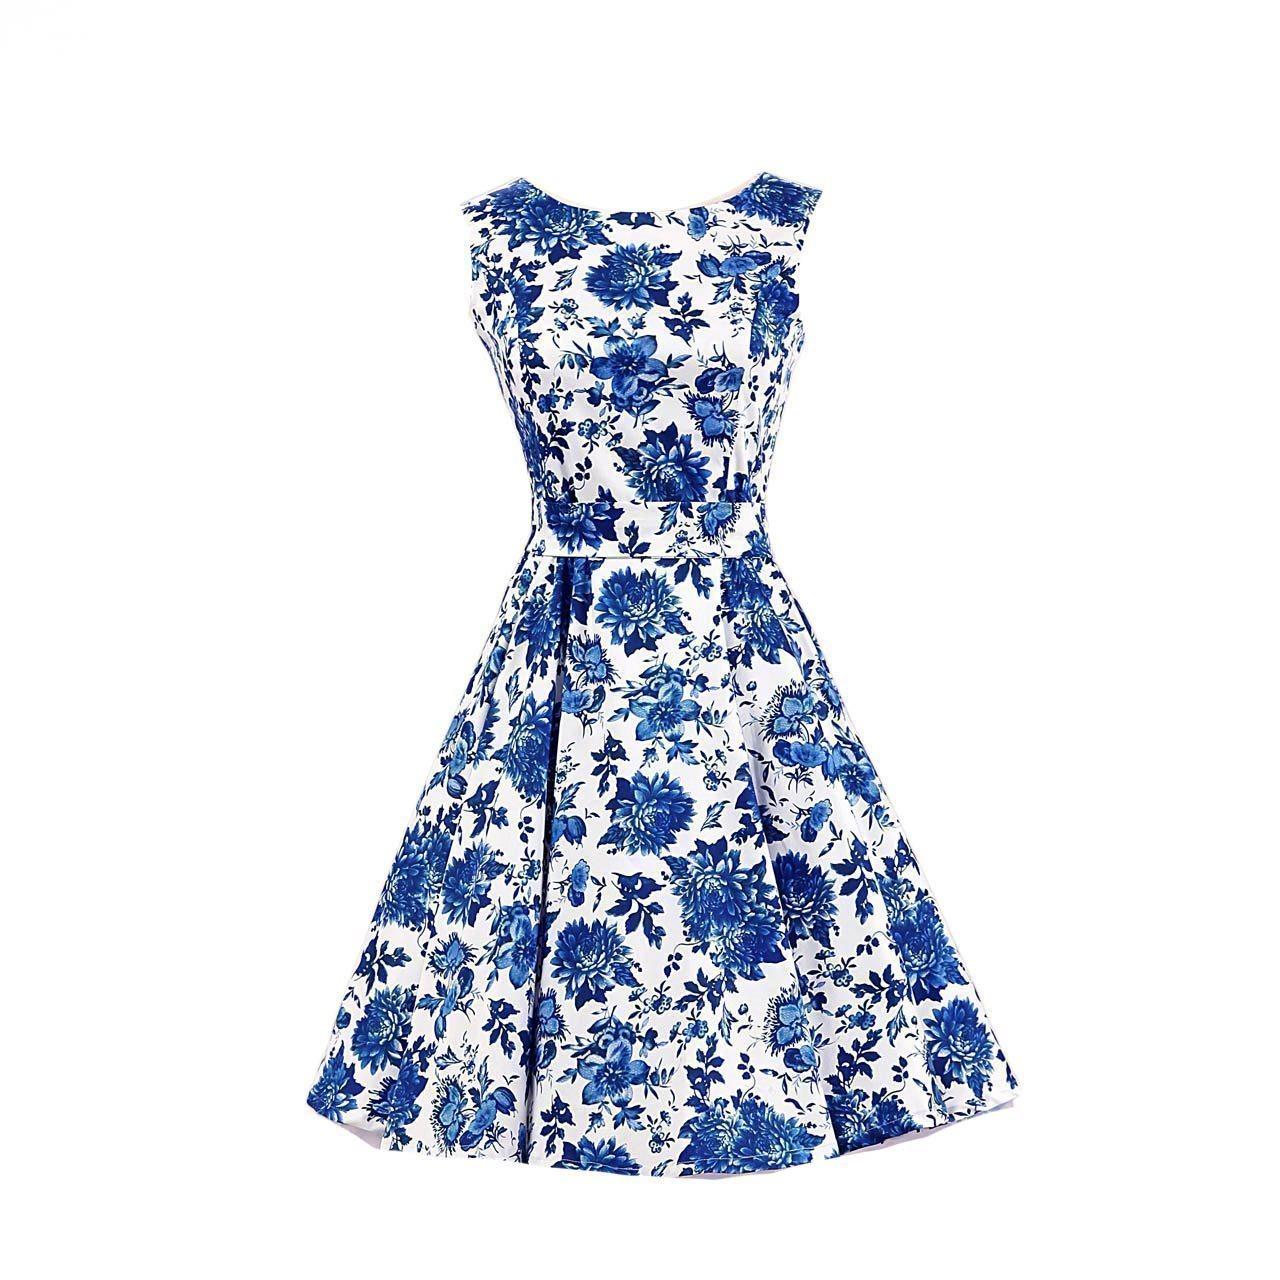 vit klänning med blåa blommor